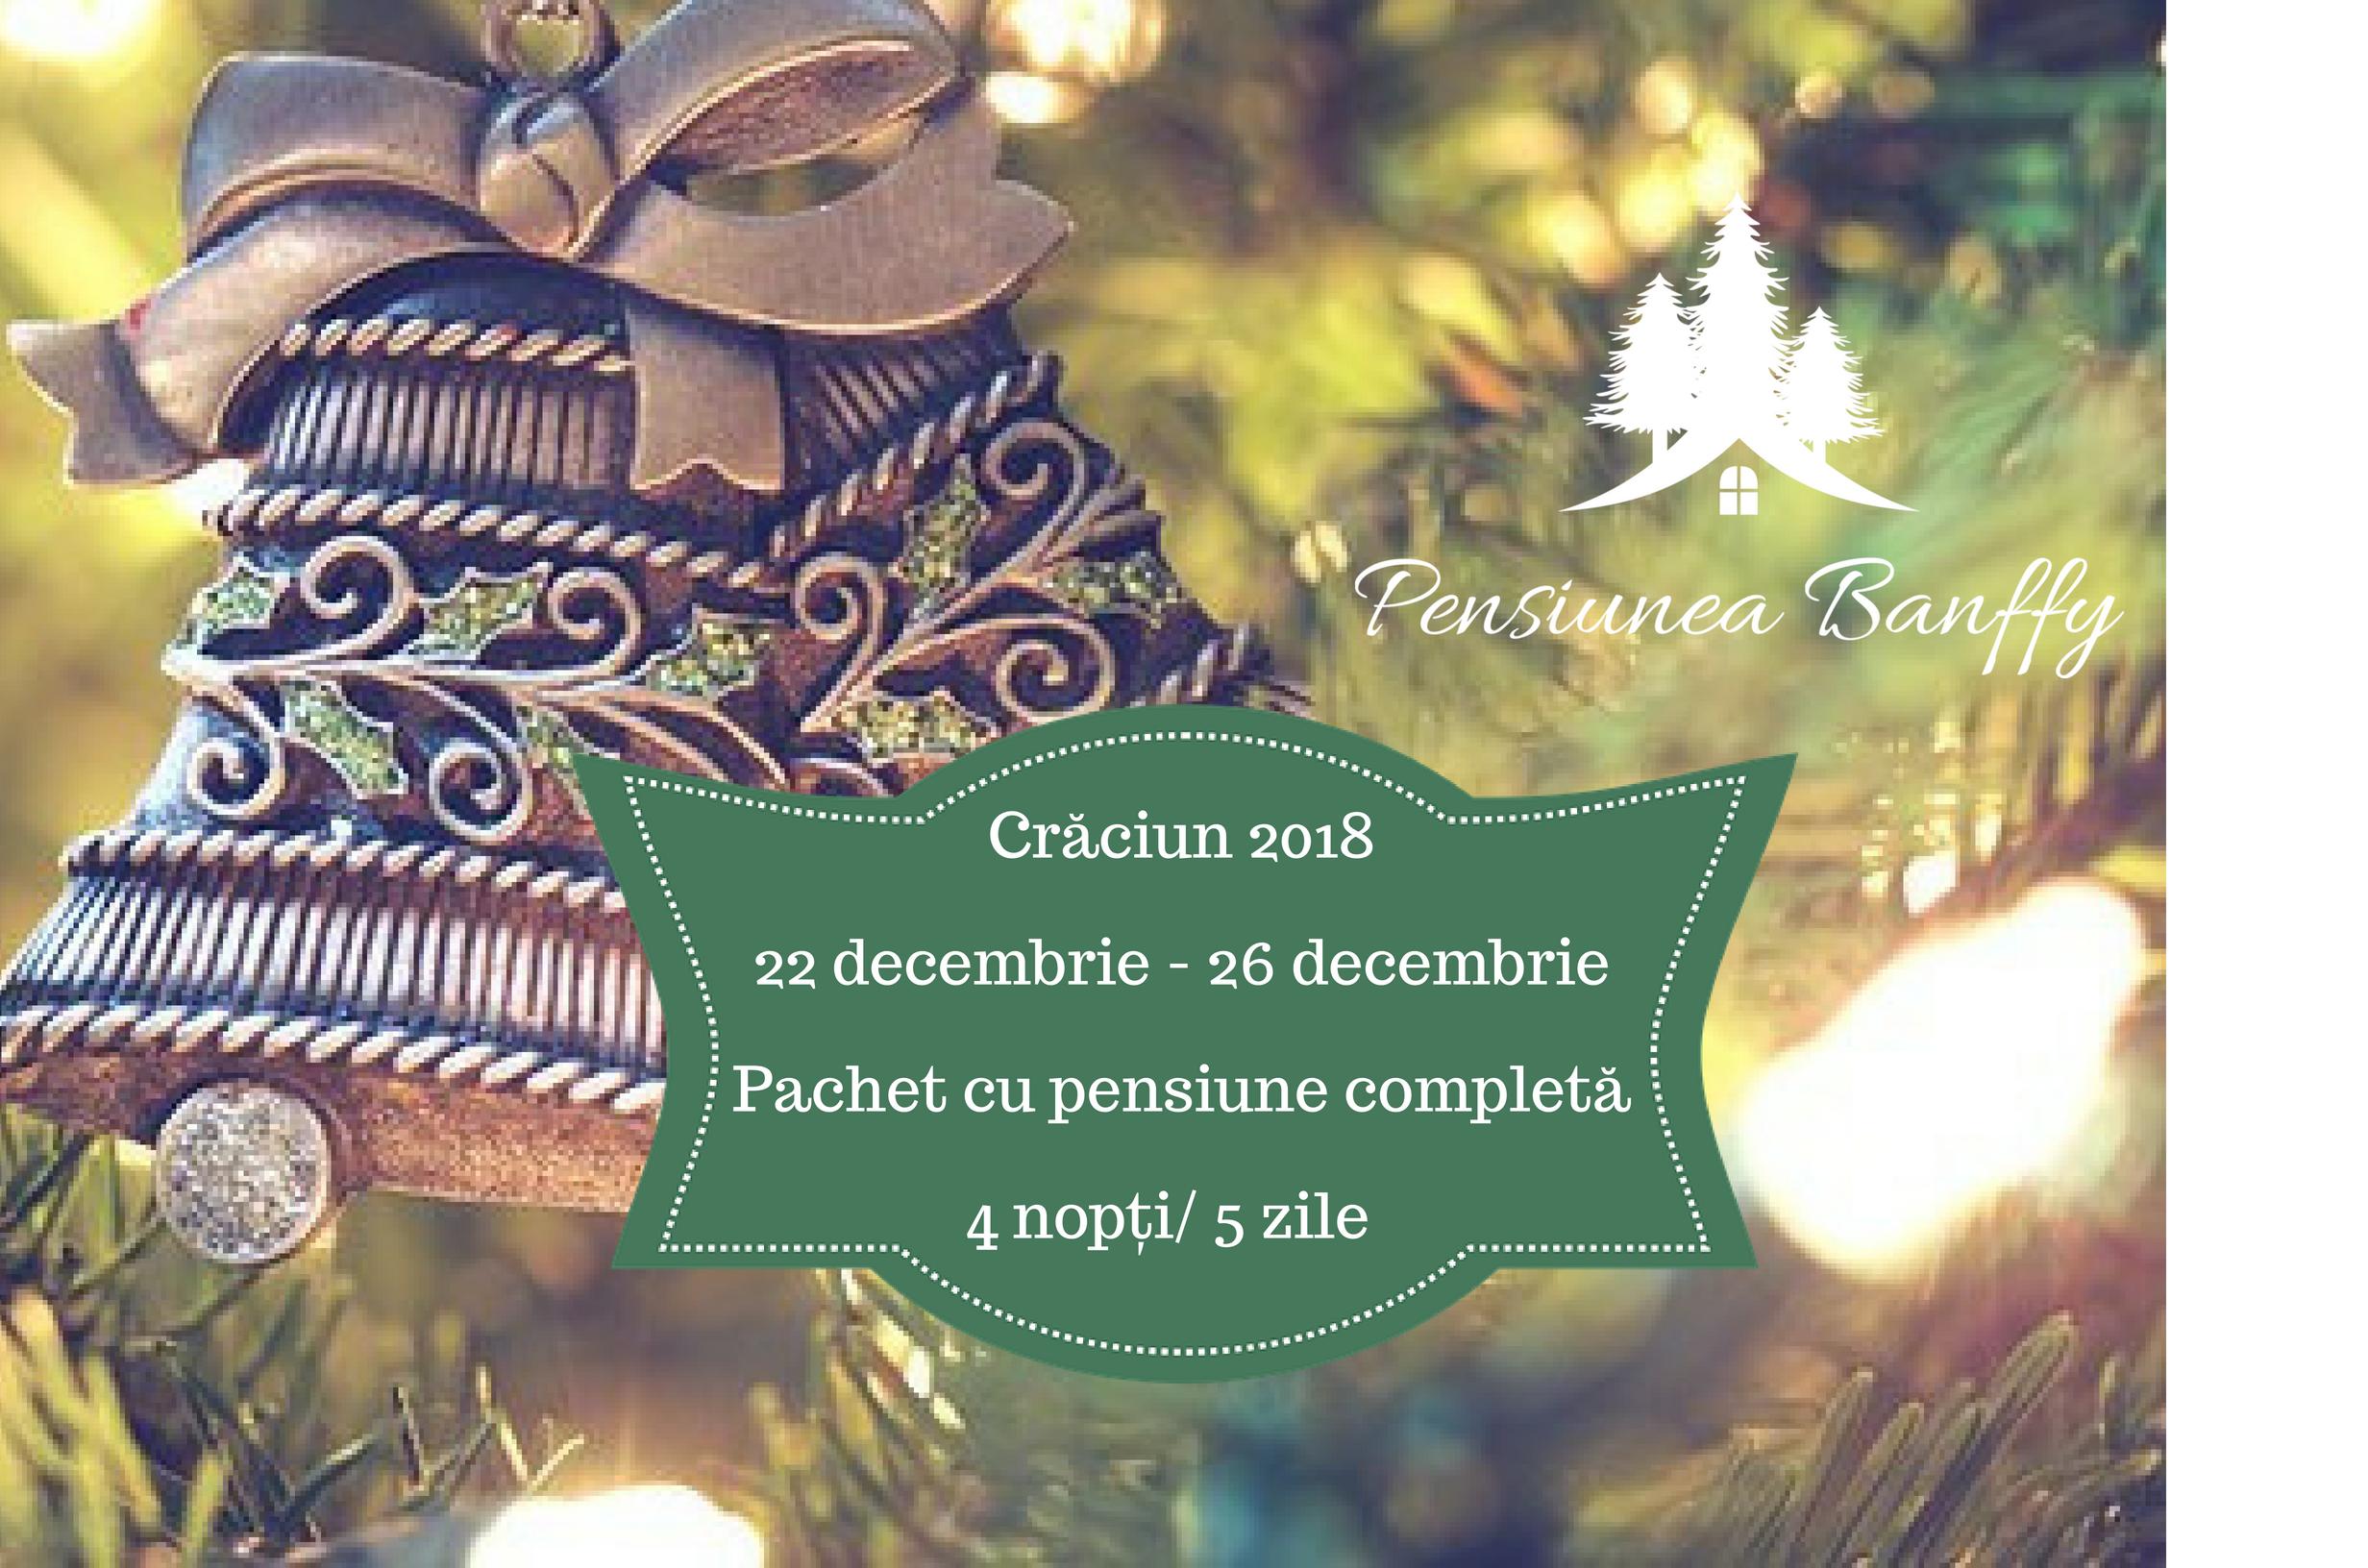 Crăciun 201822 decembrie - 26 decembrie (2)